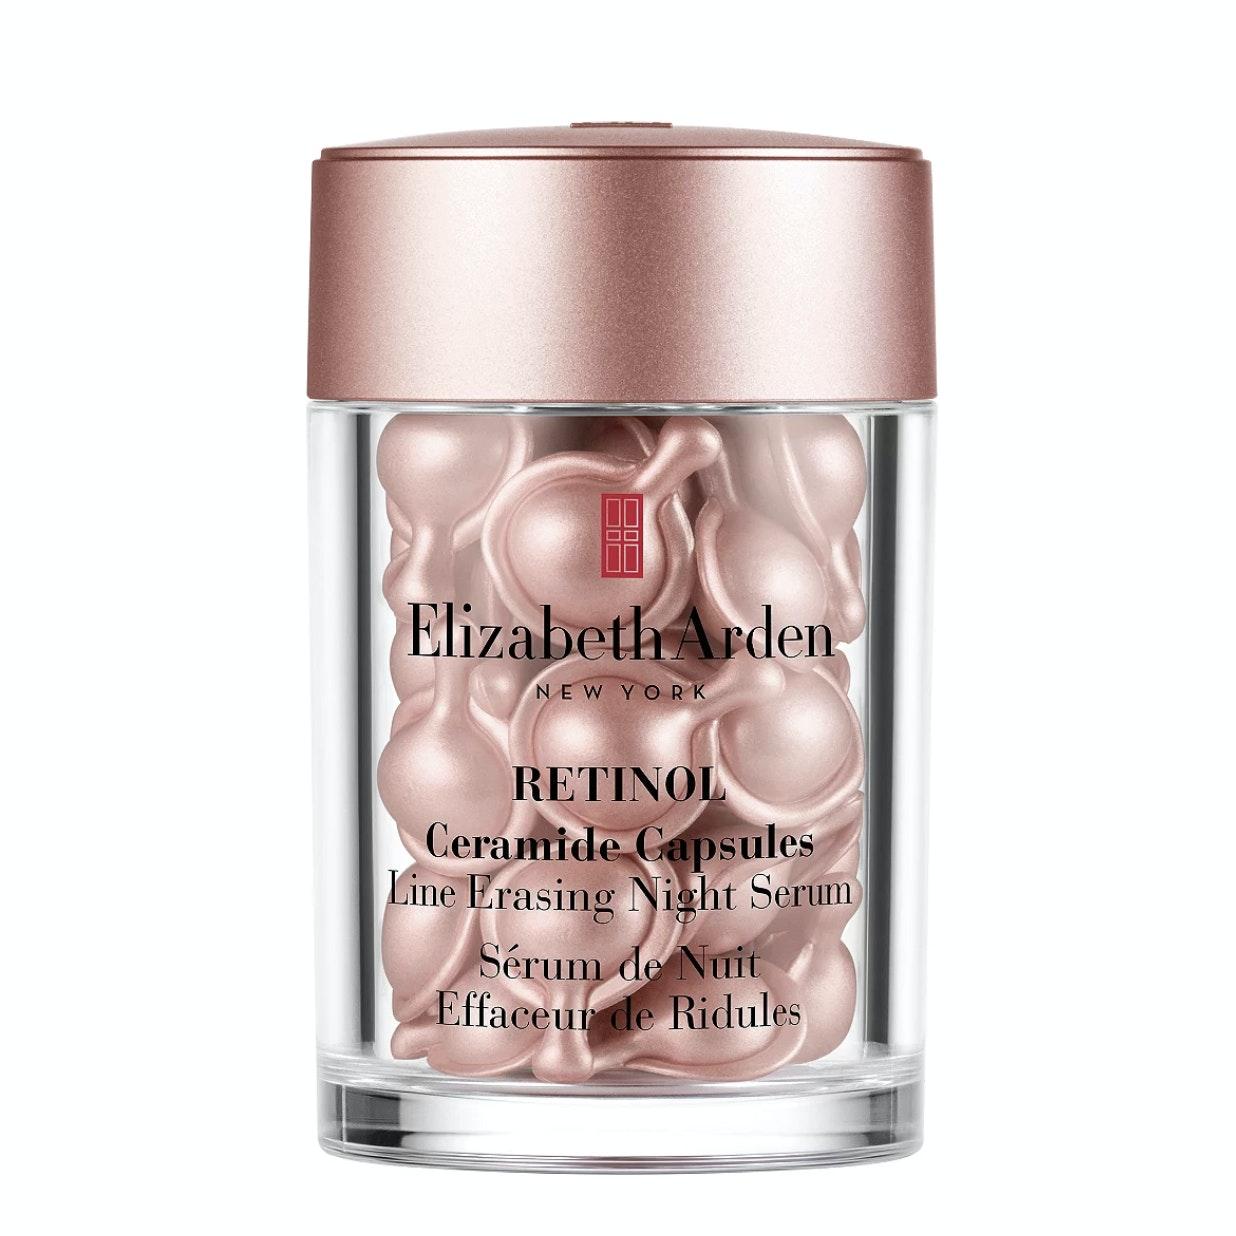 Elizabeth Arden® Retinol Ceramide Capsules Line Erasing Night Serum